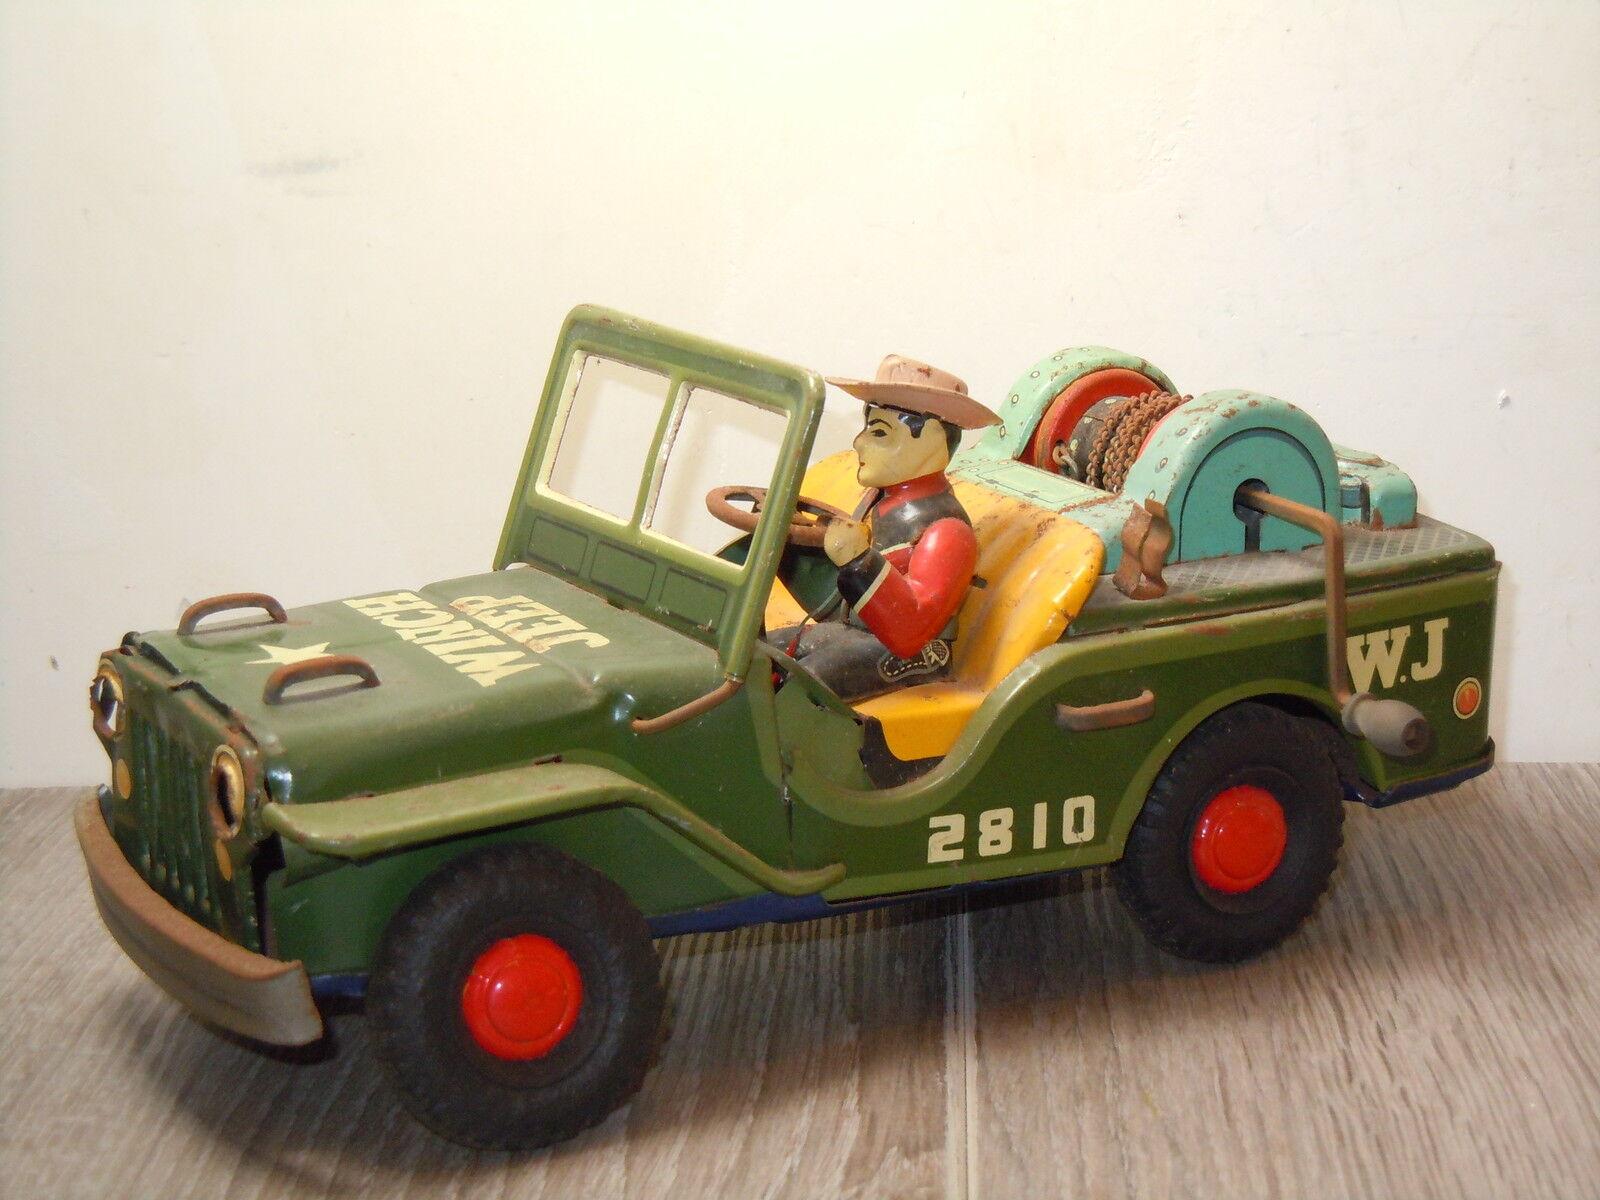 Winch Jeep 2810 W.J W.J W.J van Nomura Toys Japan Tinplate 15955 2c0f39